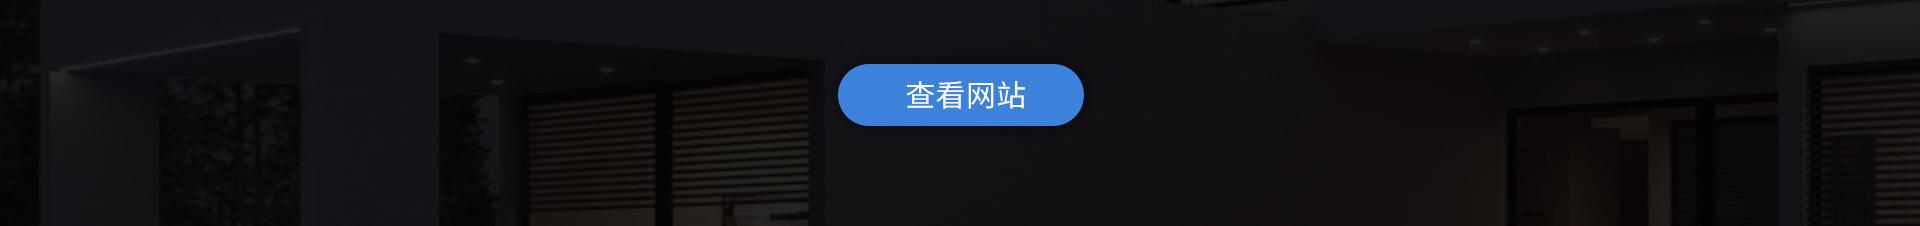 页面-柯娜-柯娜设计说明_02